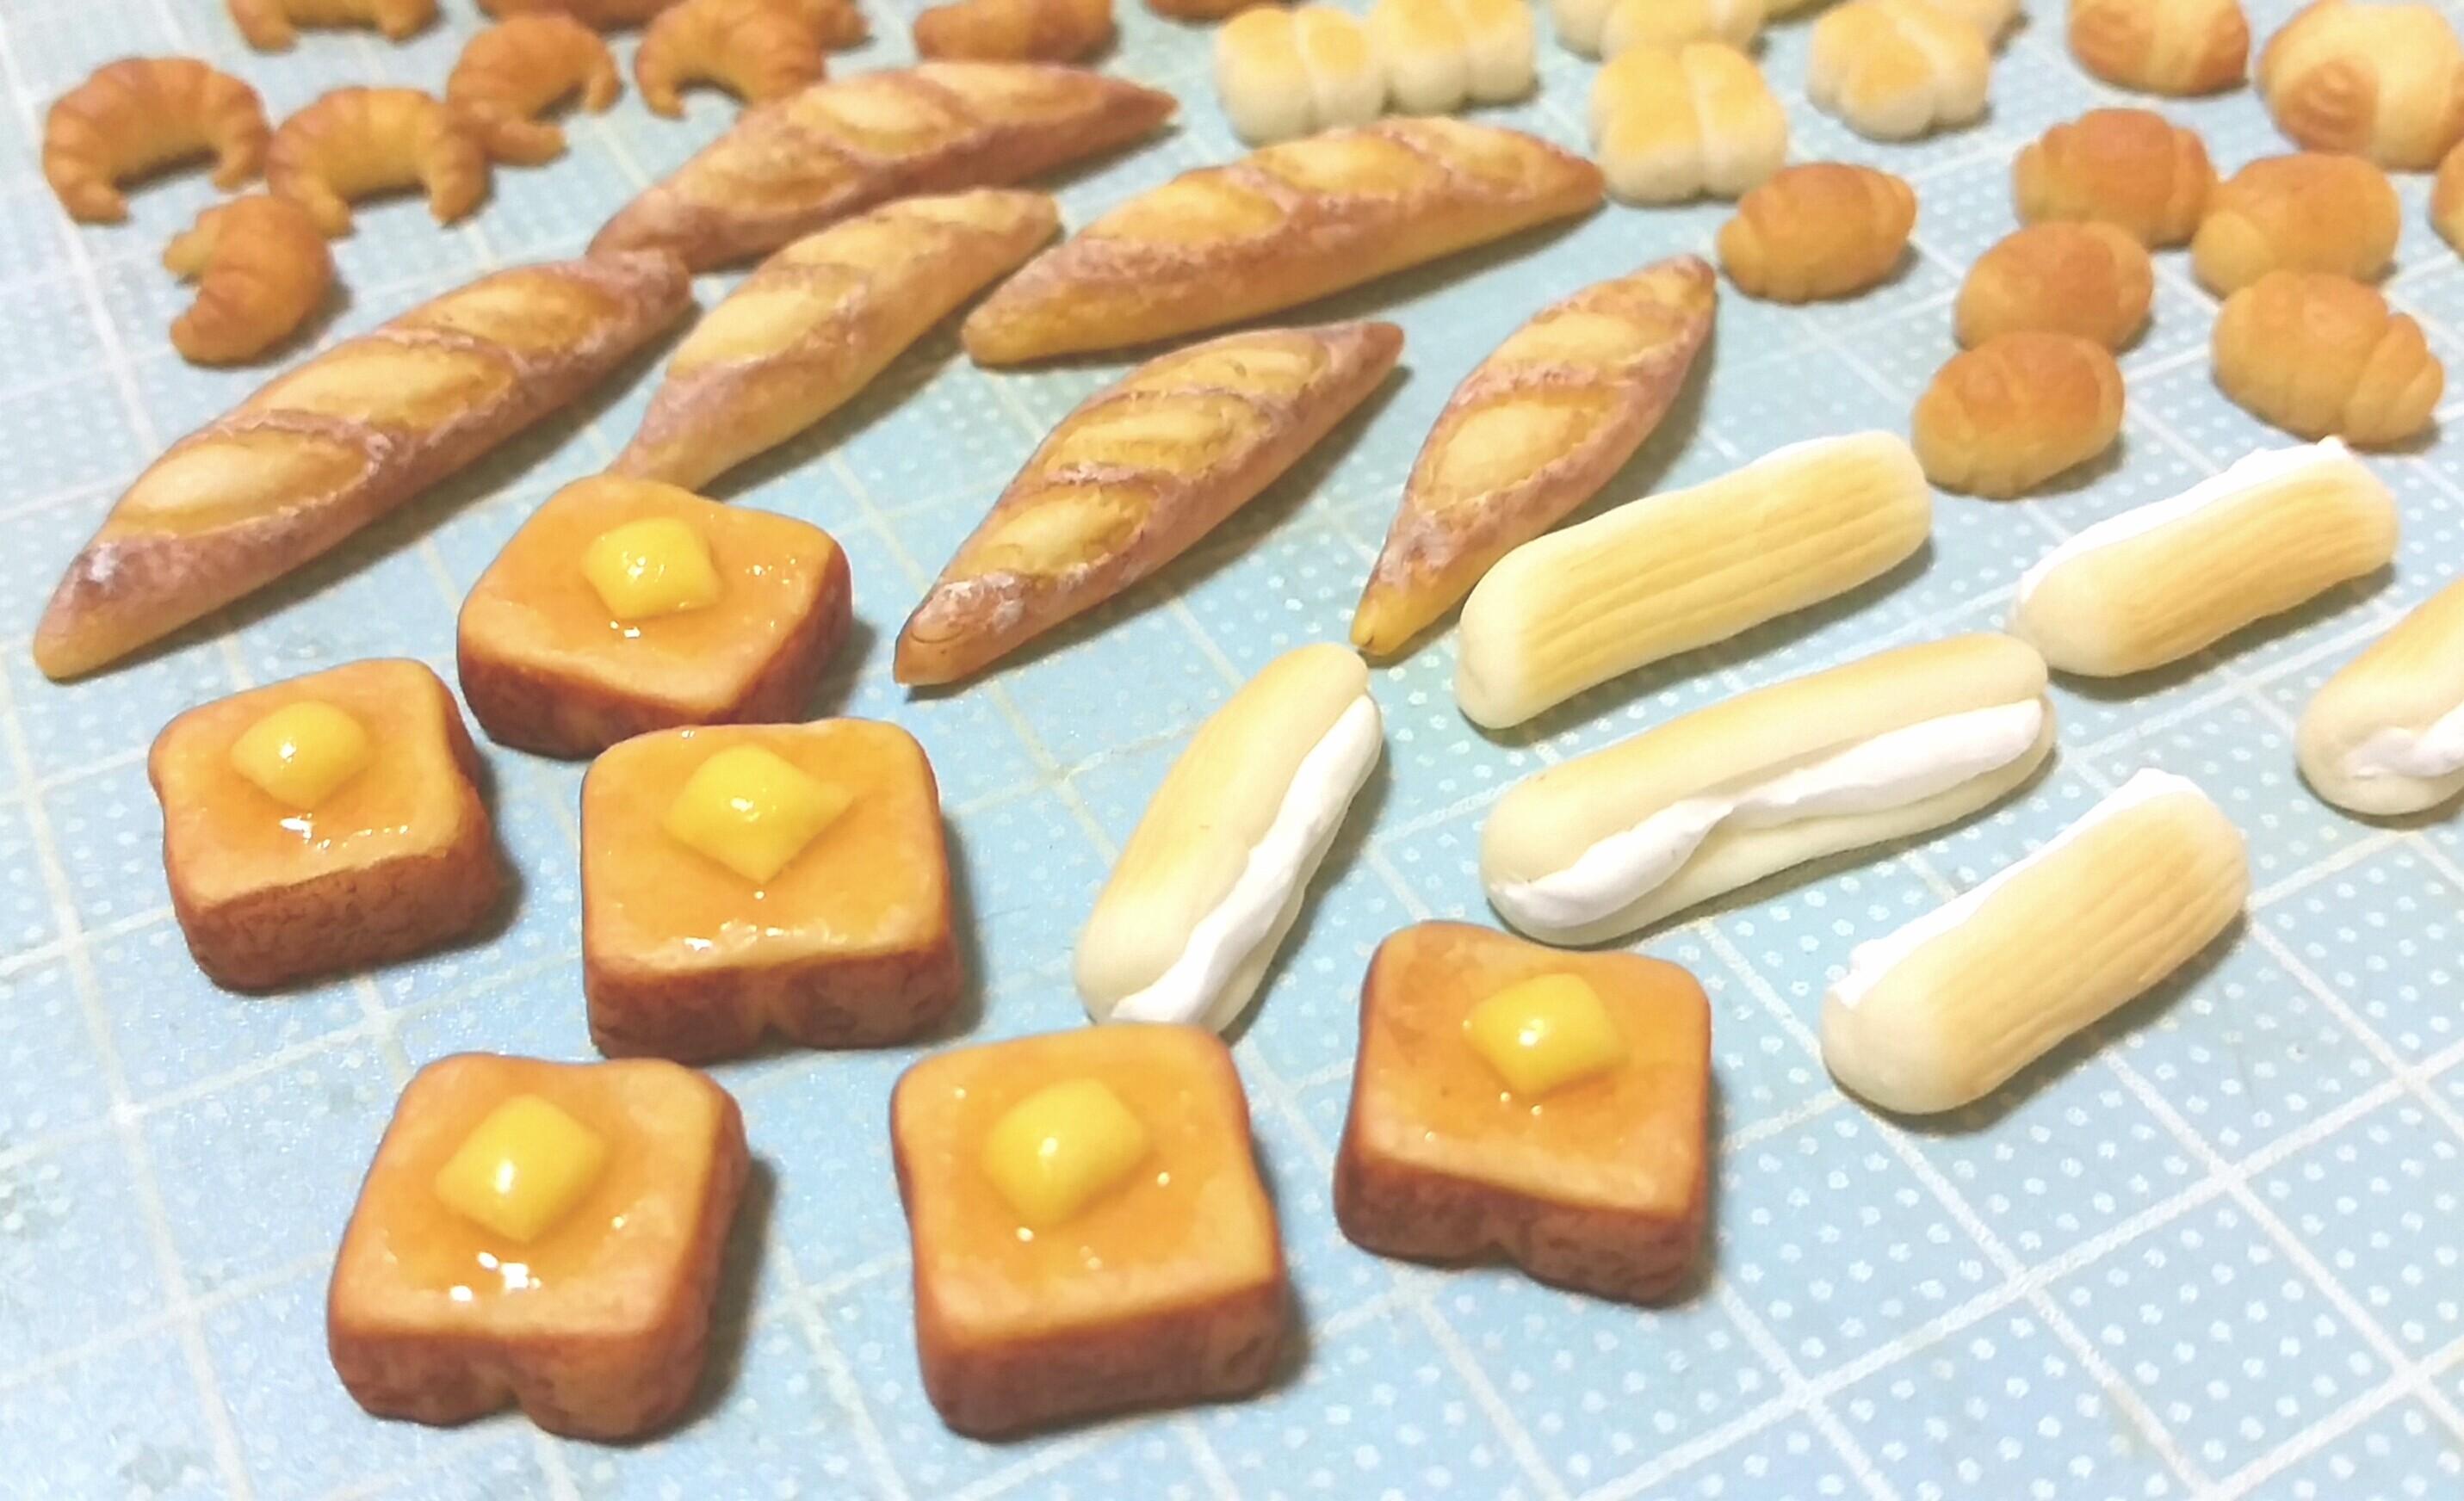 ミニチュア,かわいいパン,バタートースト,樹脂粘土,まとめ画像,自作